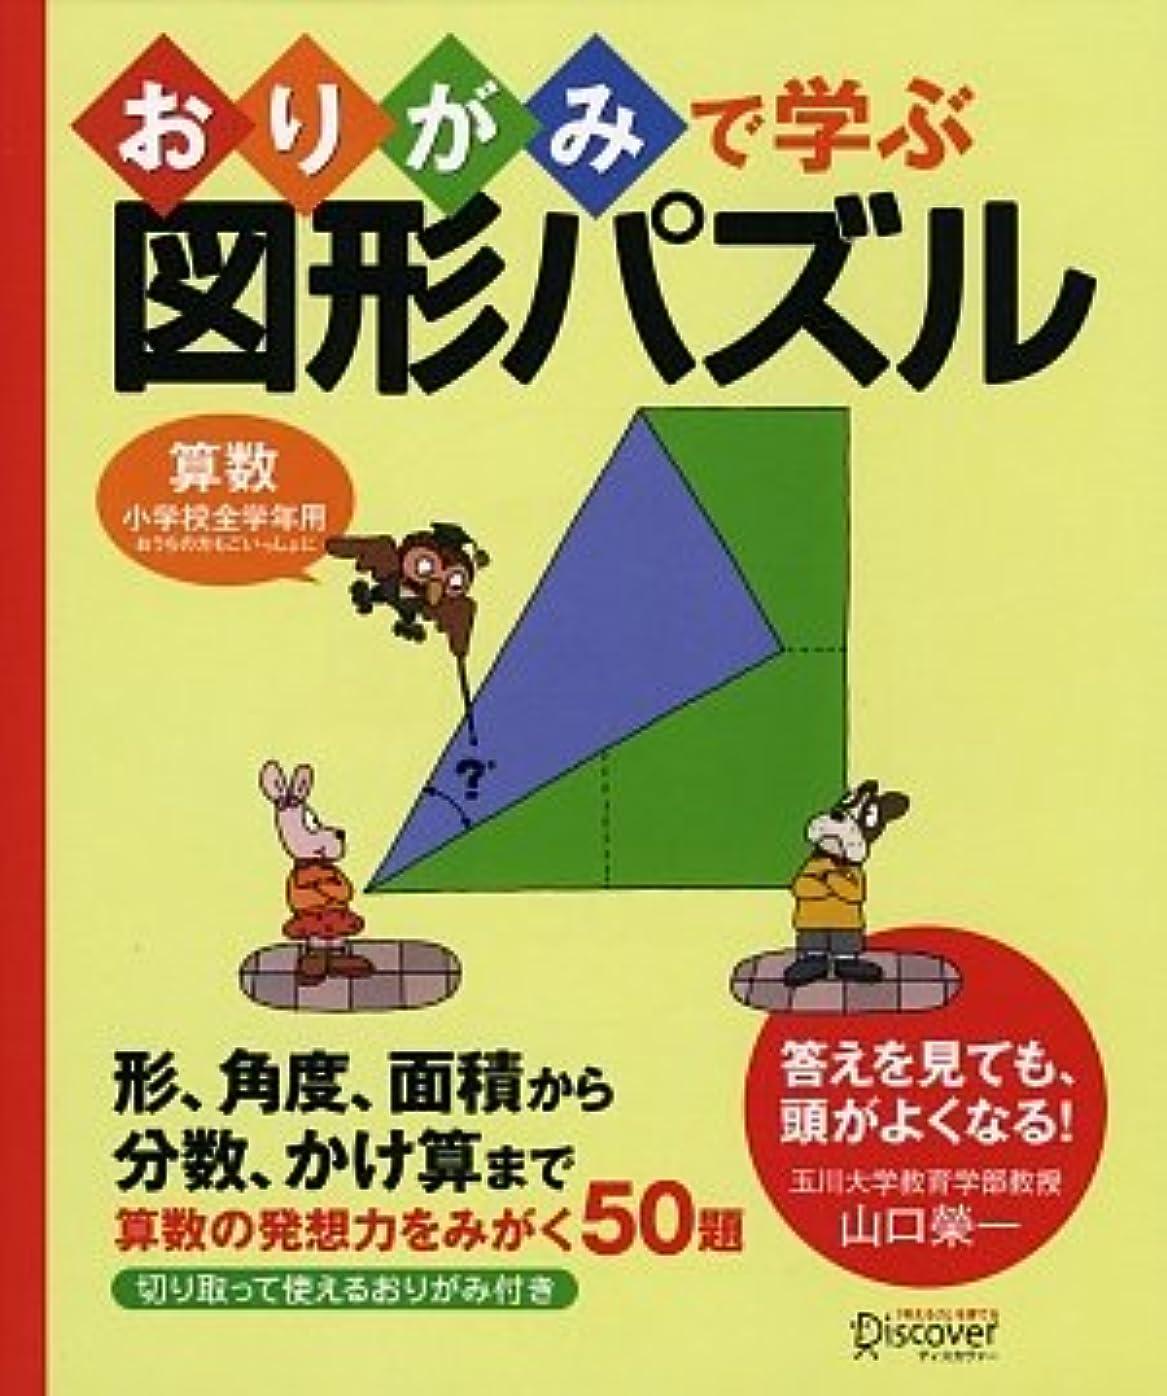 商品ホイッスル困惑するおりがみで学ぶ図形パズル